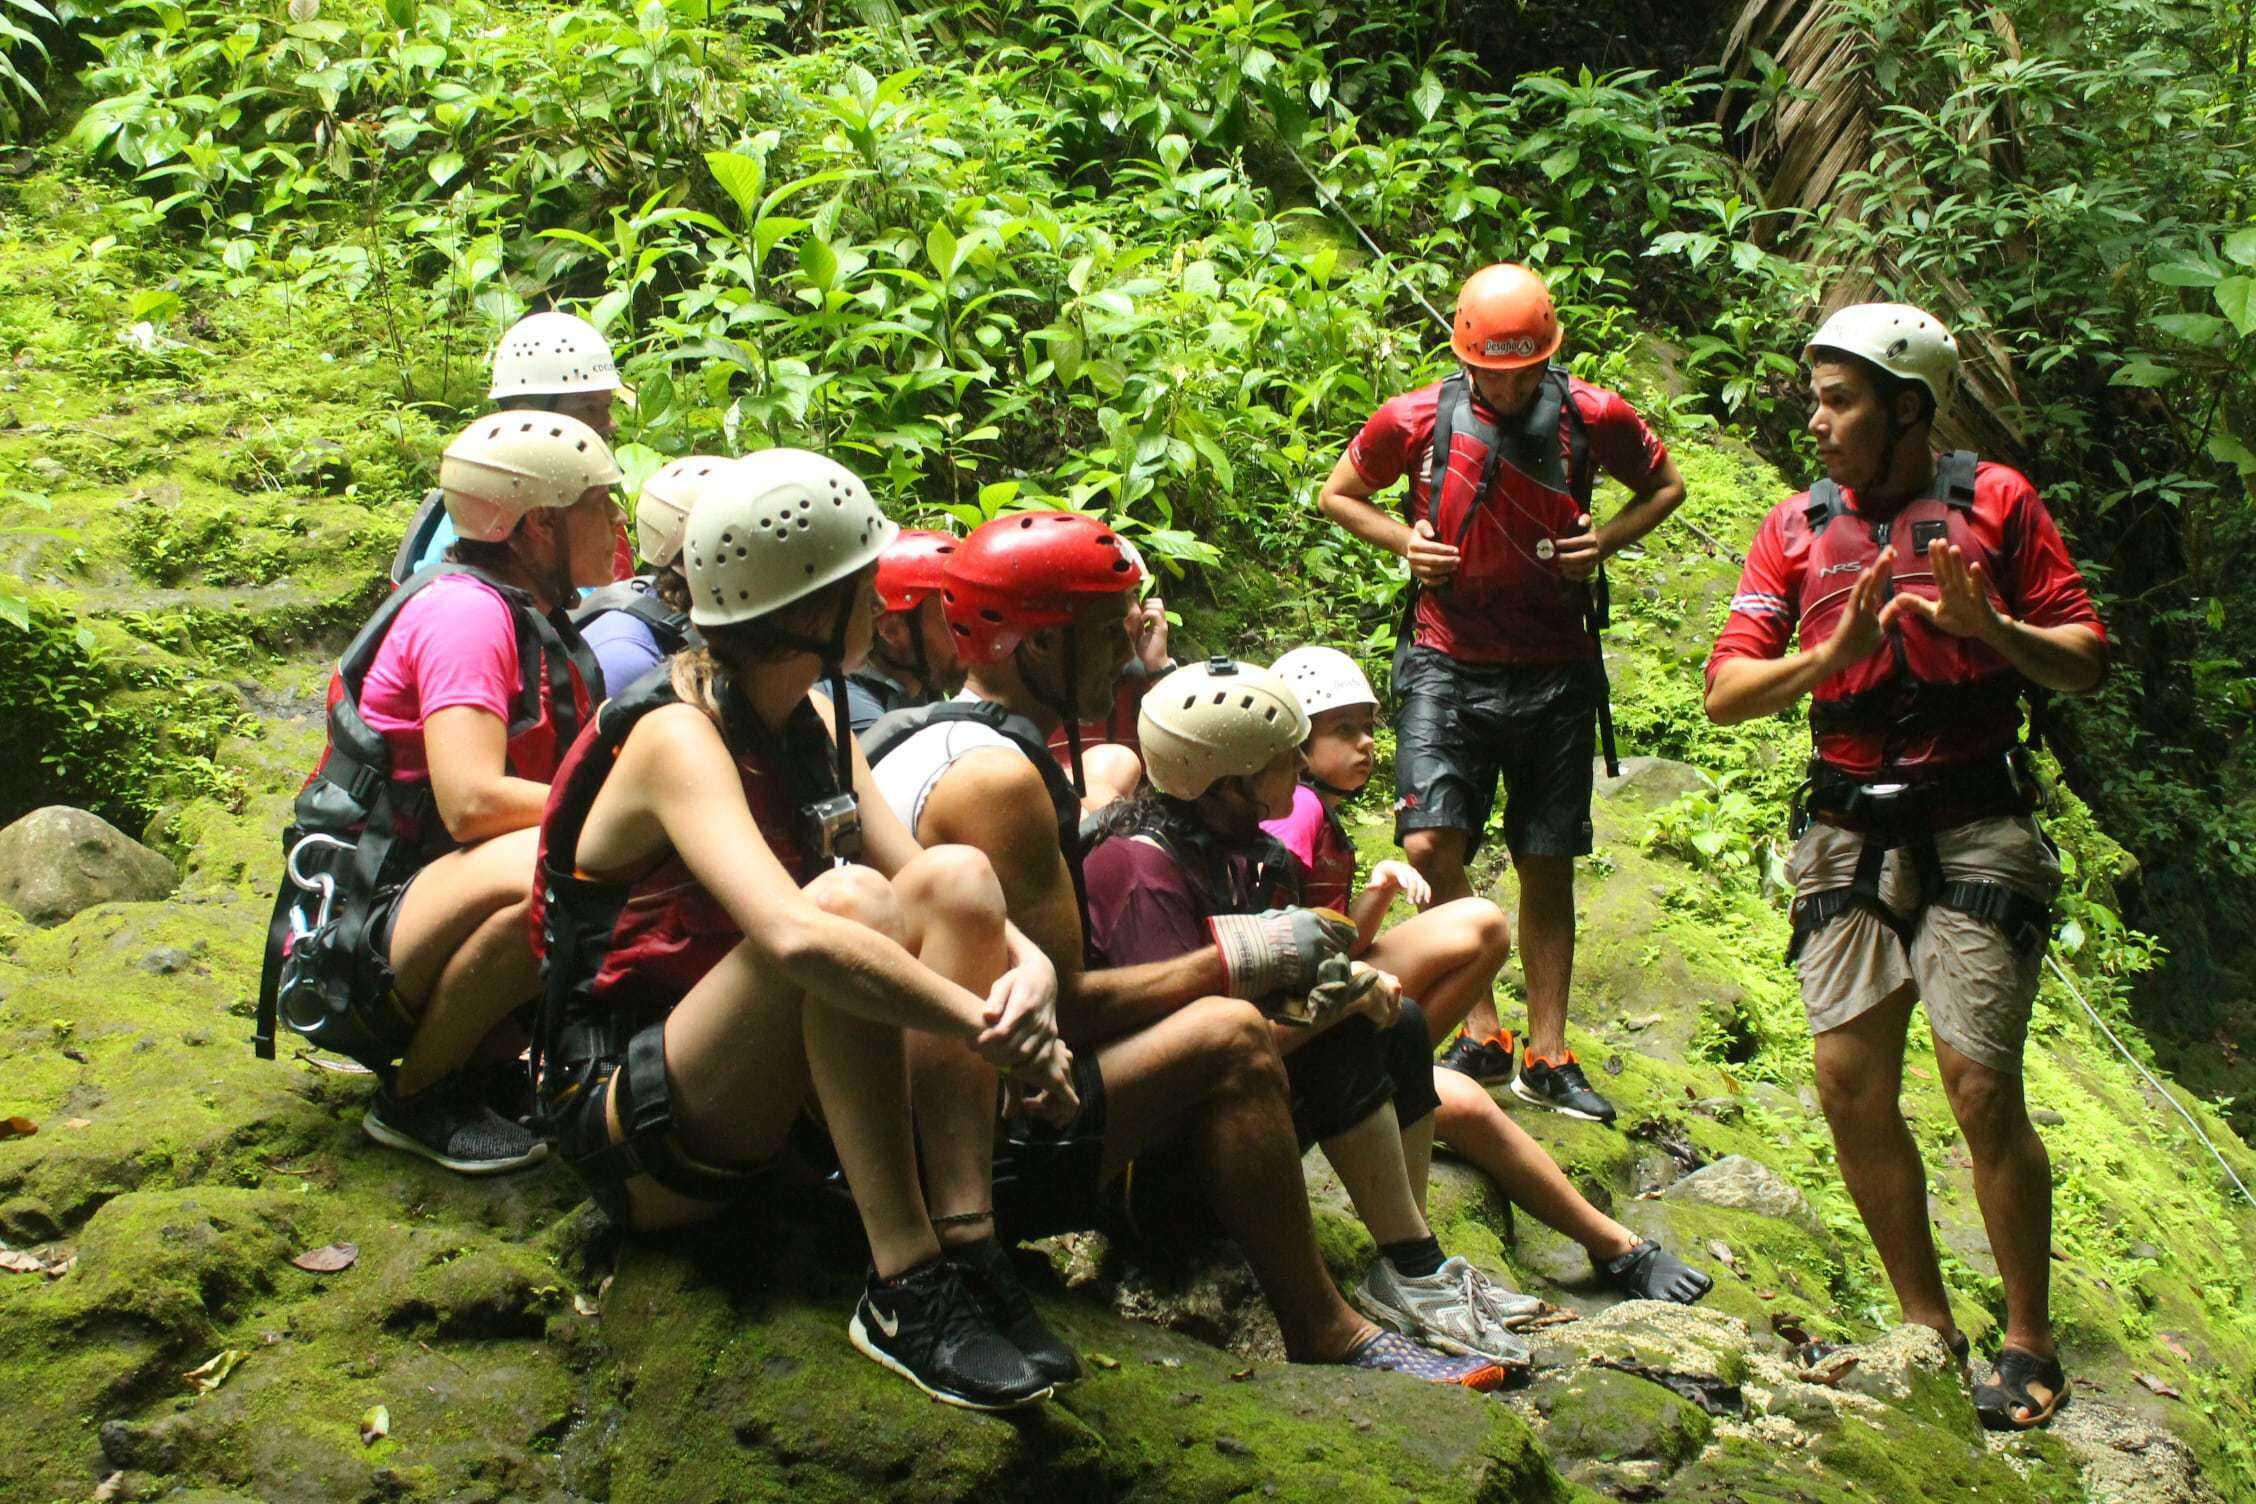 Group Activities in Costa Rica